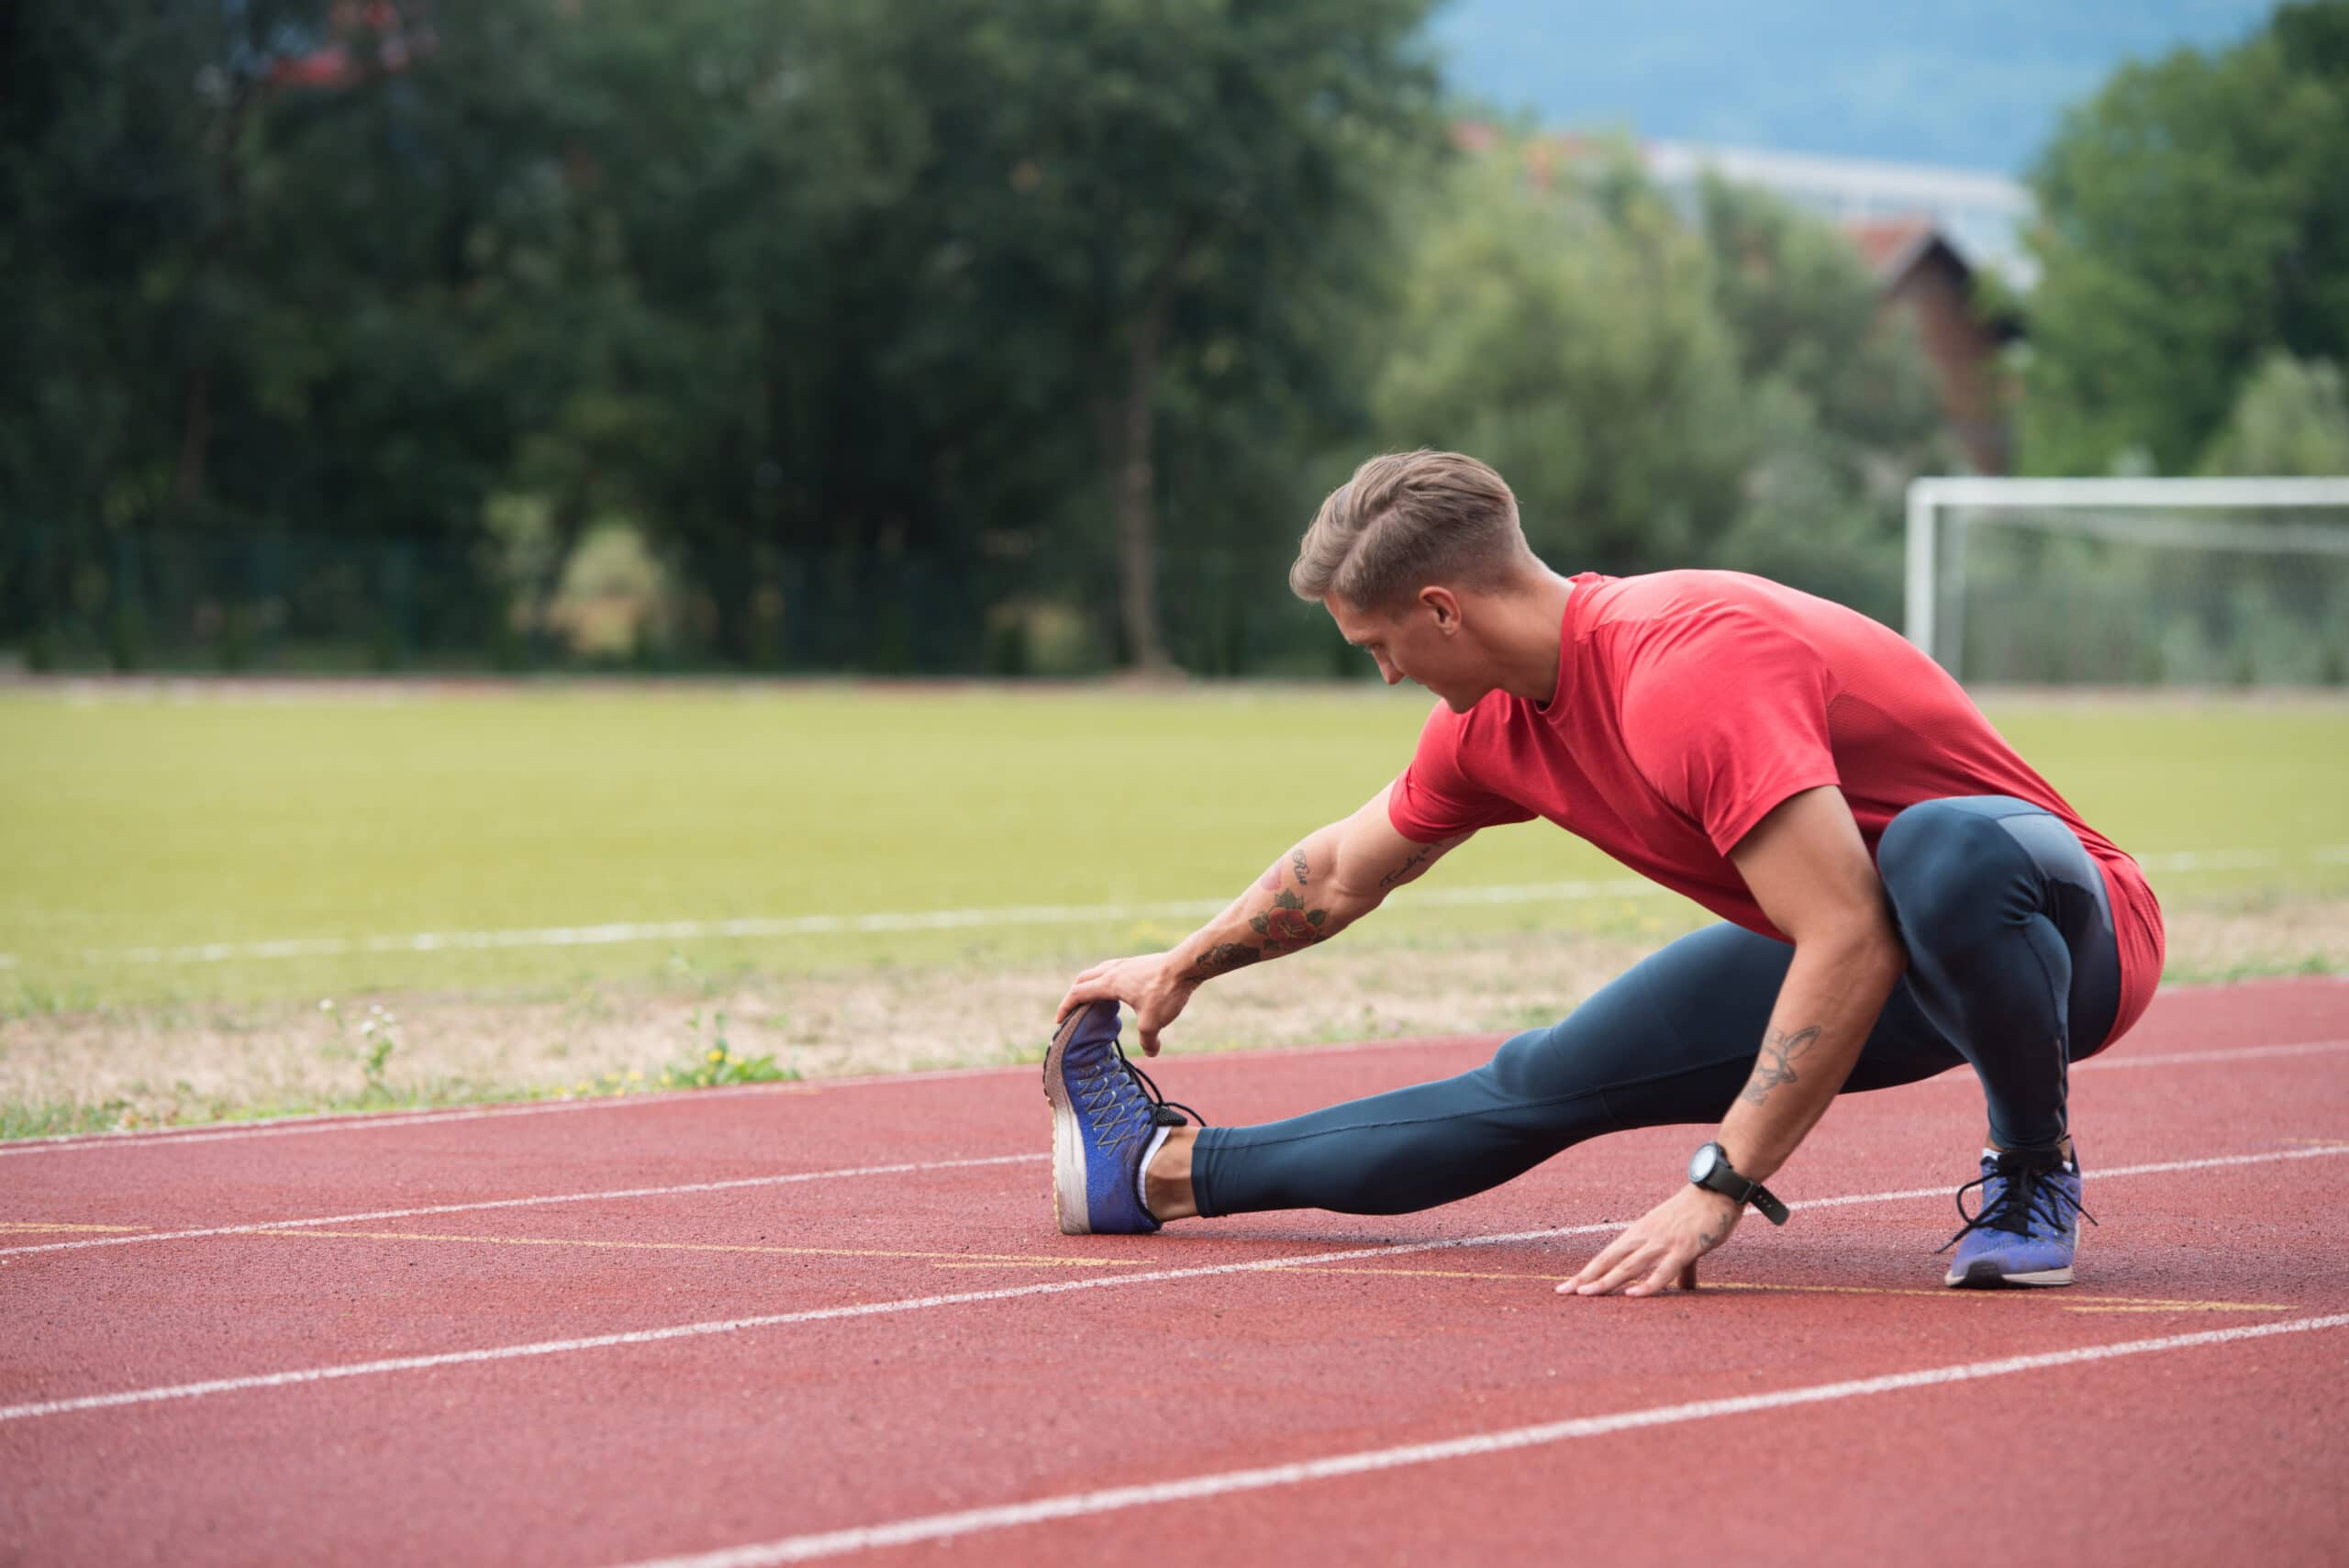 Lai nemocītu muskuļu krampji